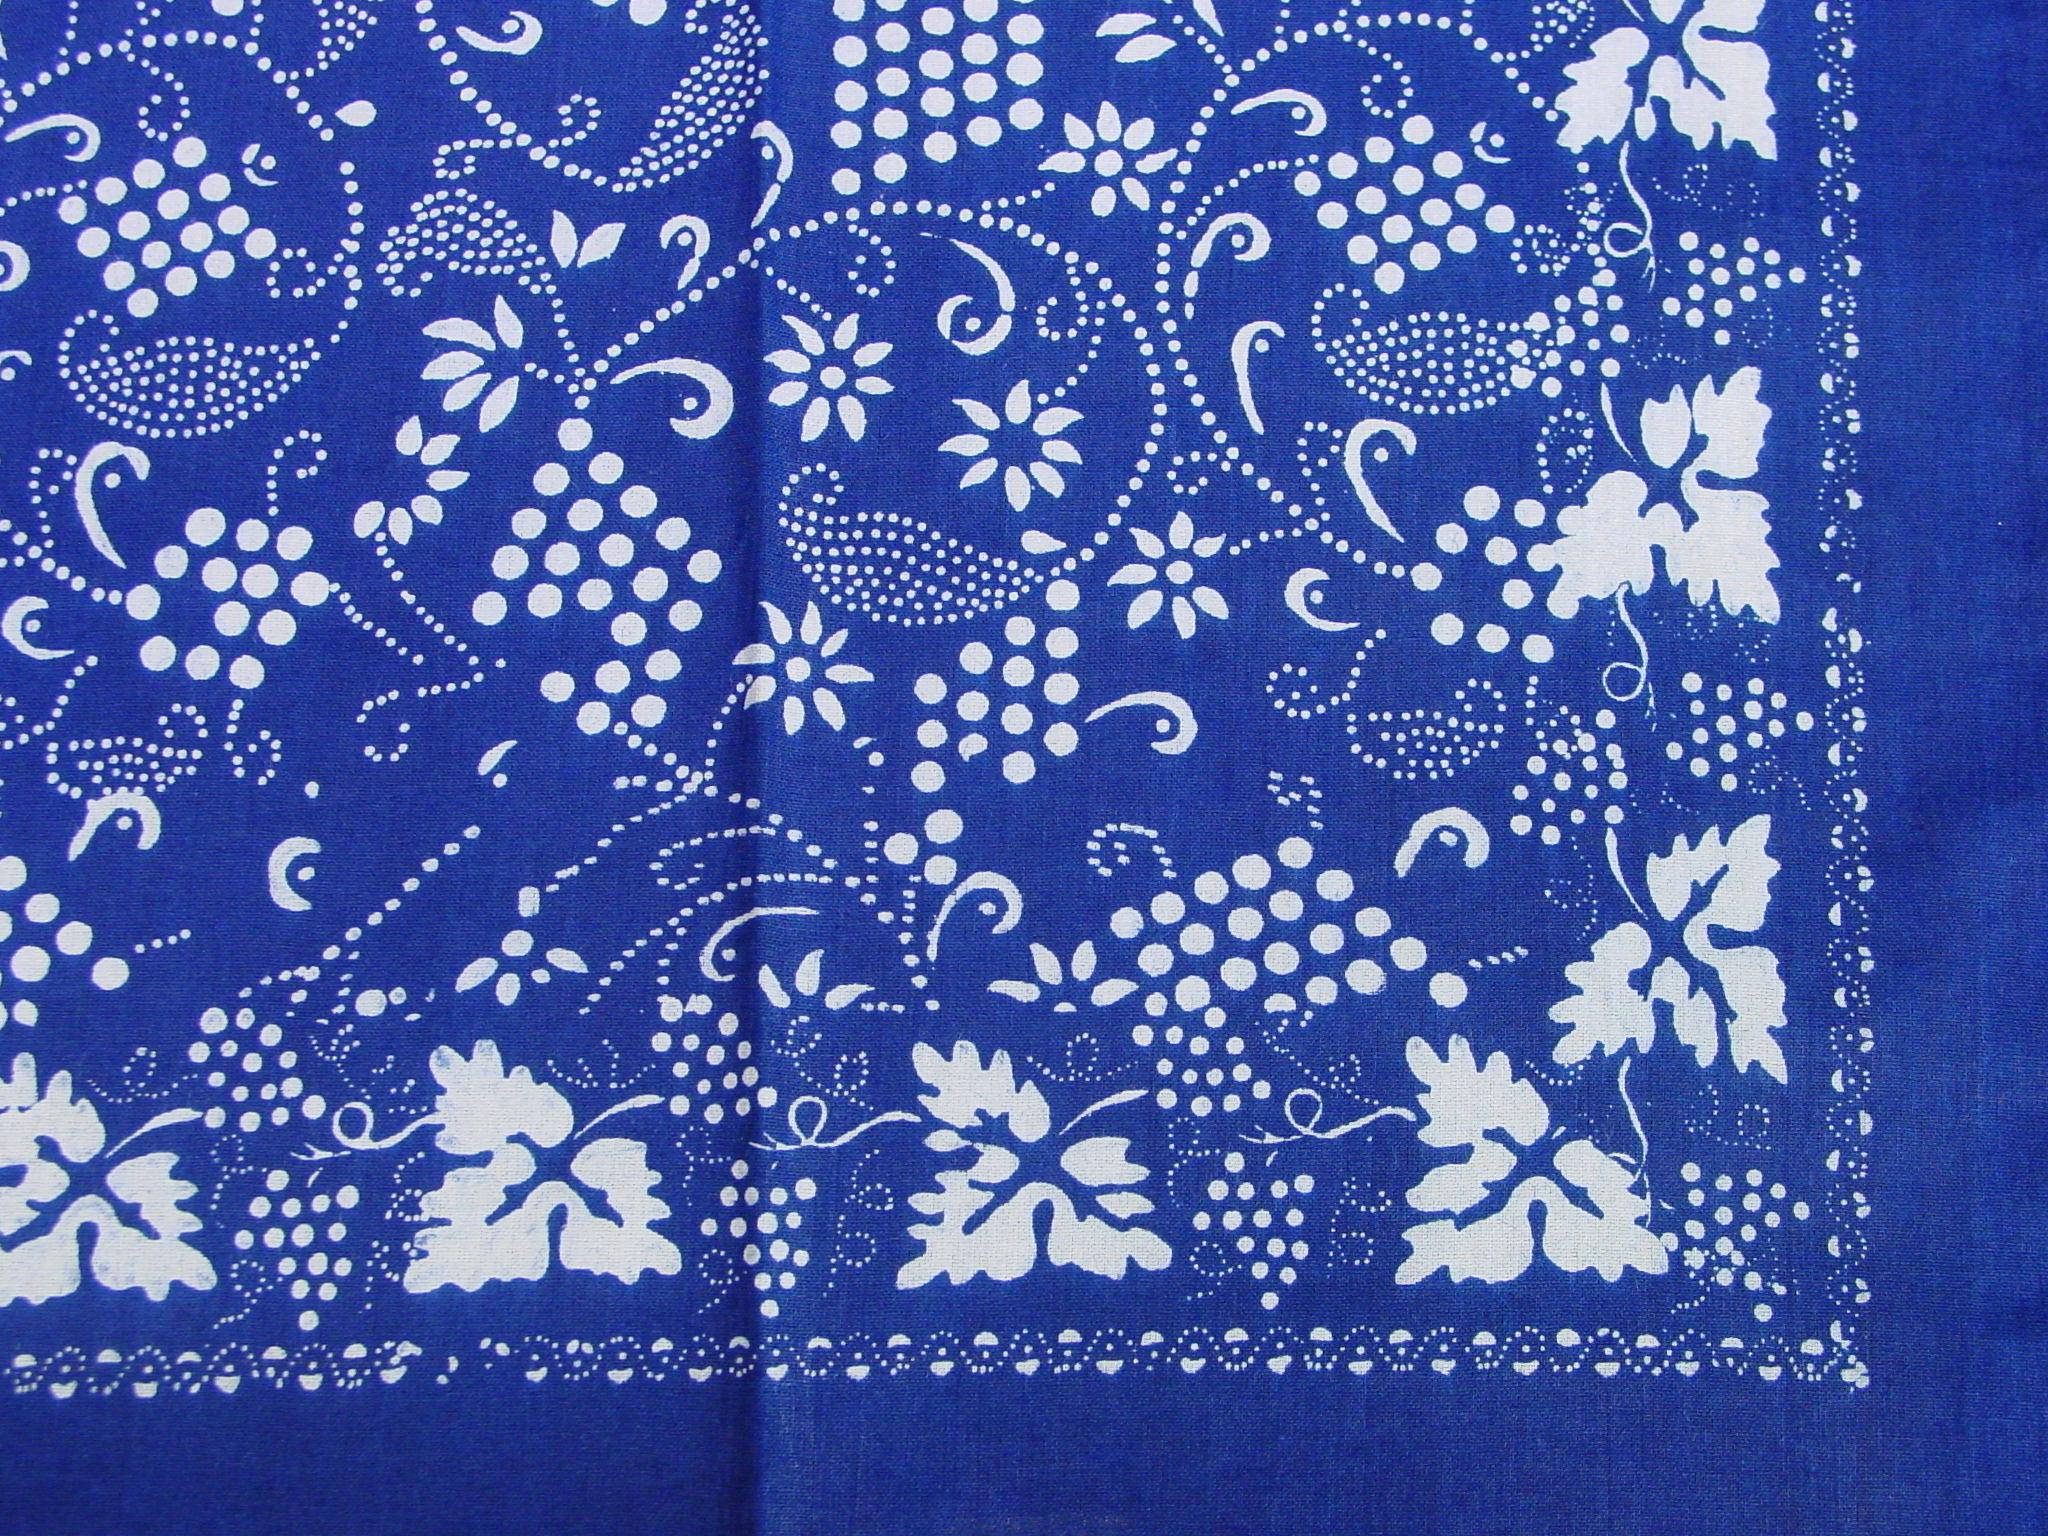 Blaudruck - Tischläufer 6231-1361